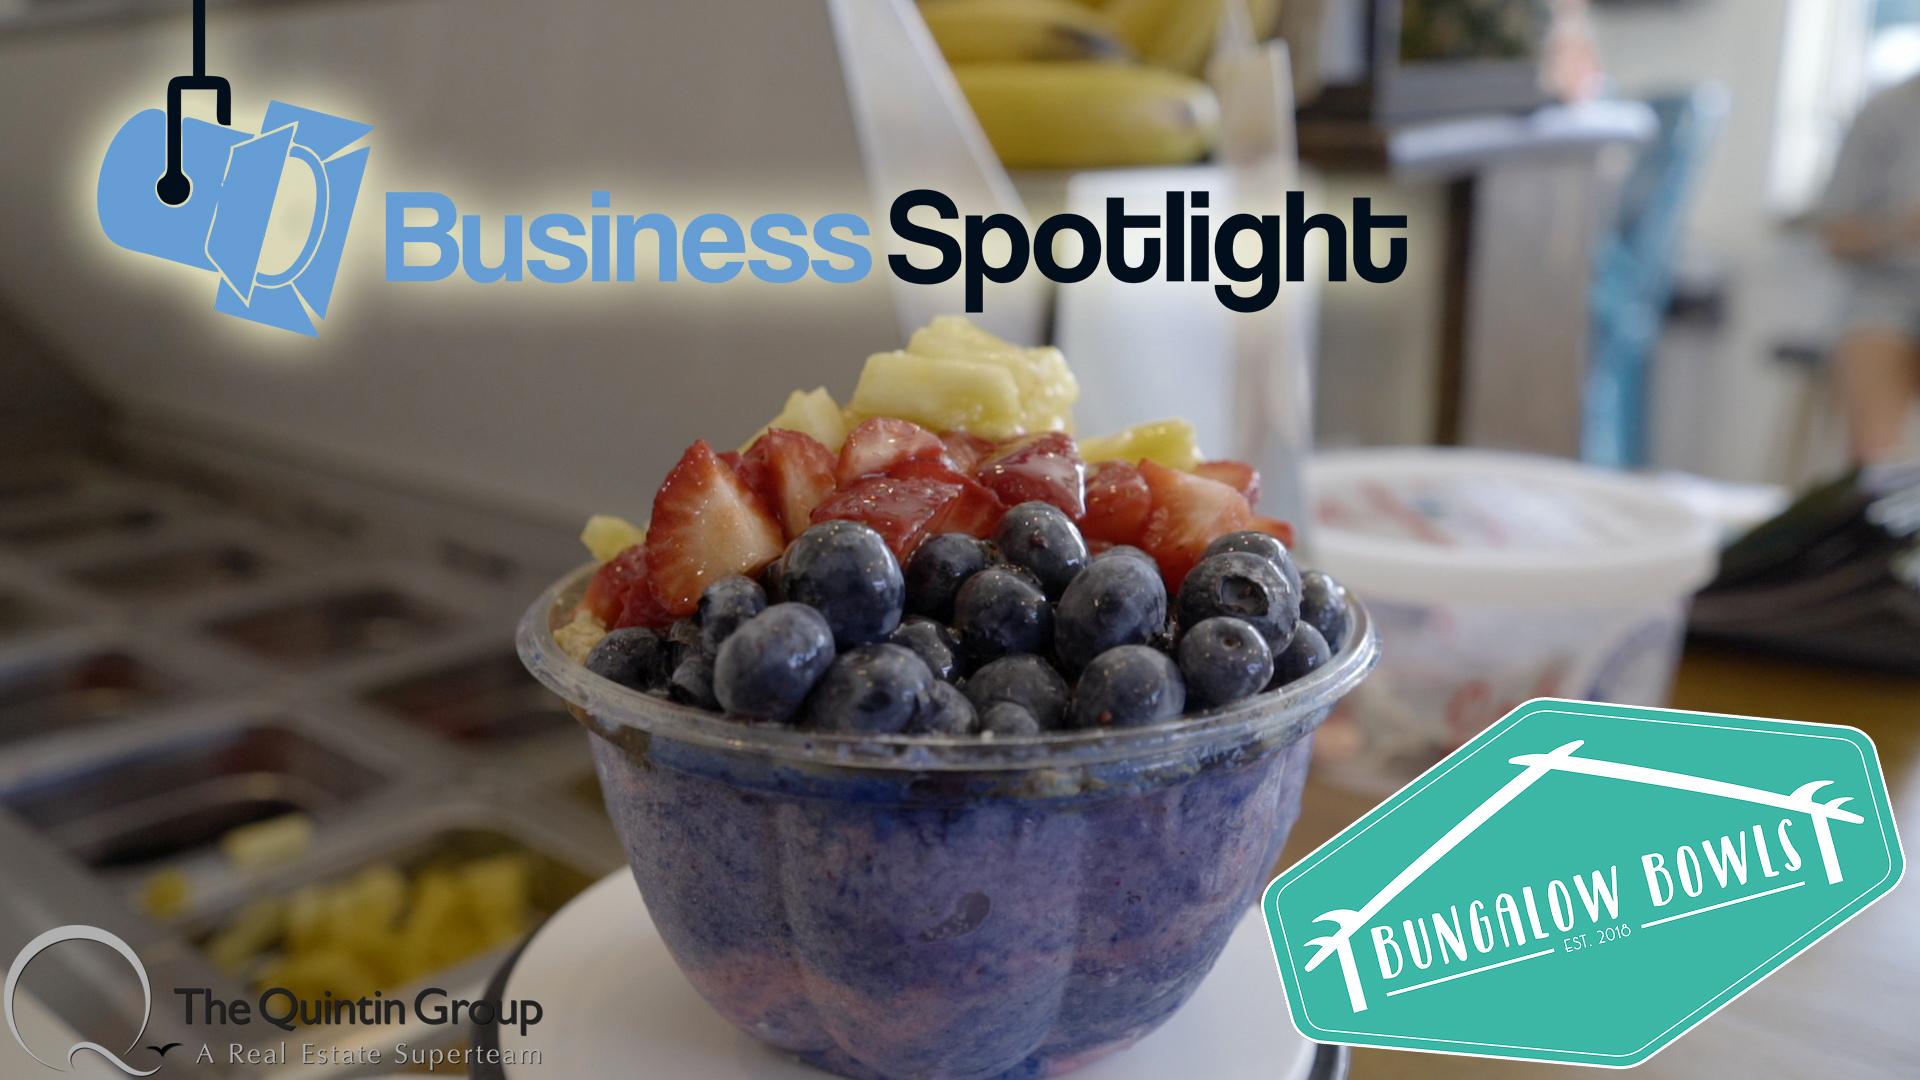 Business Spotlight: Bungalow Bowls